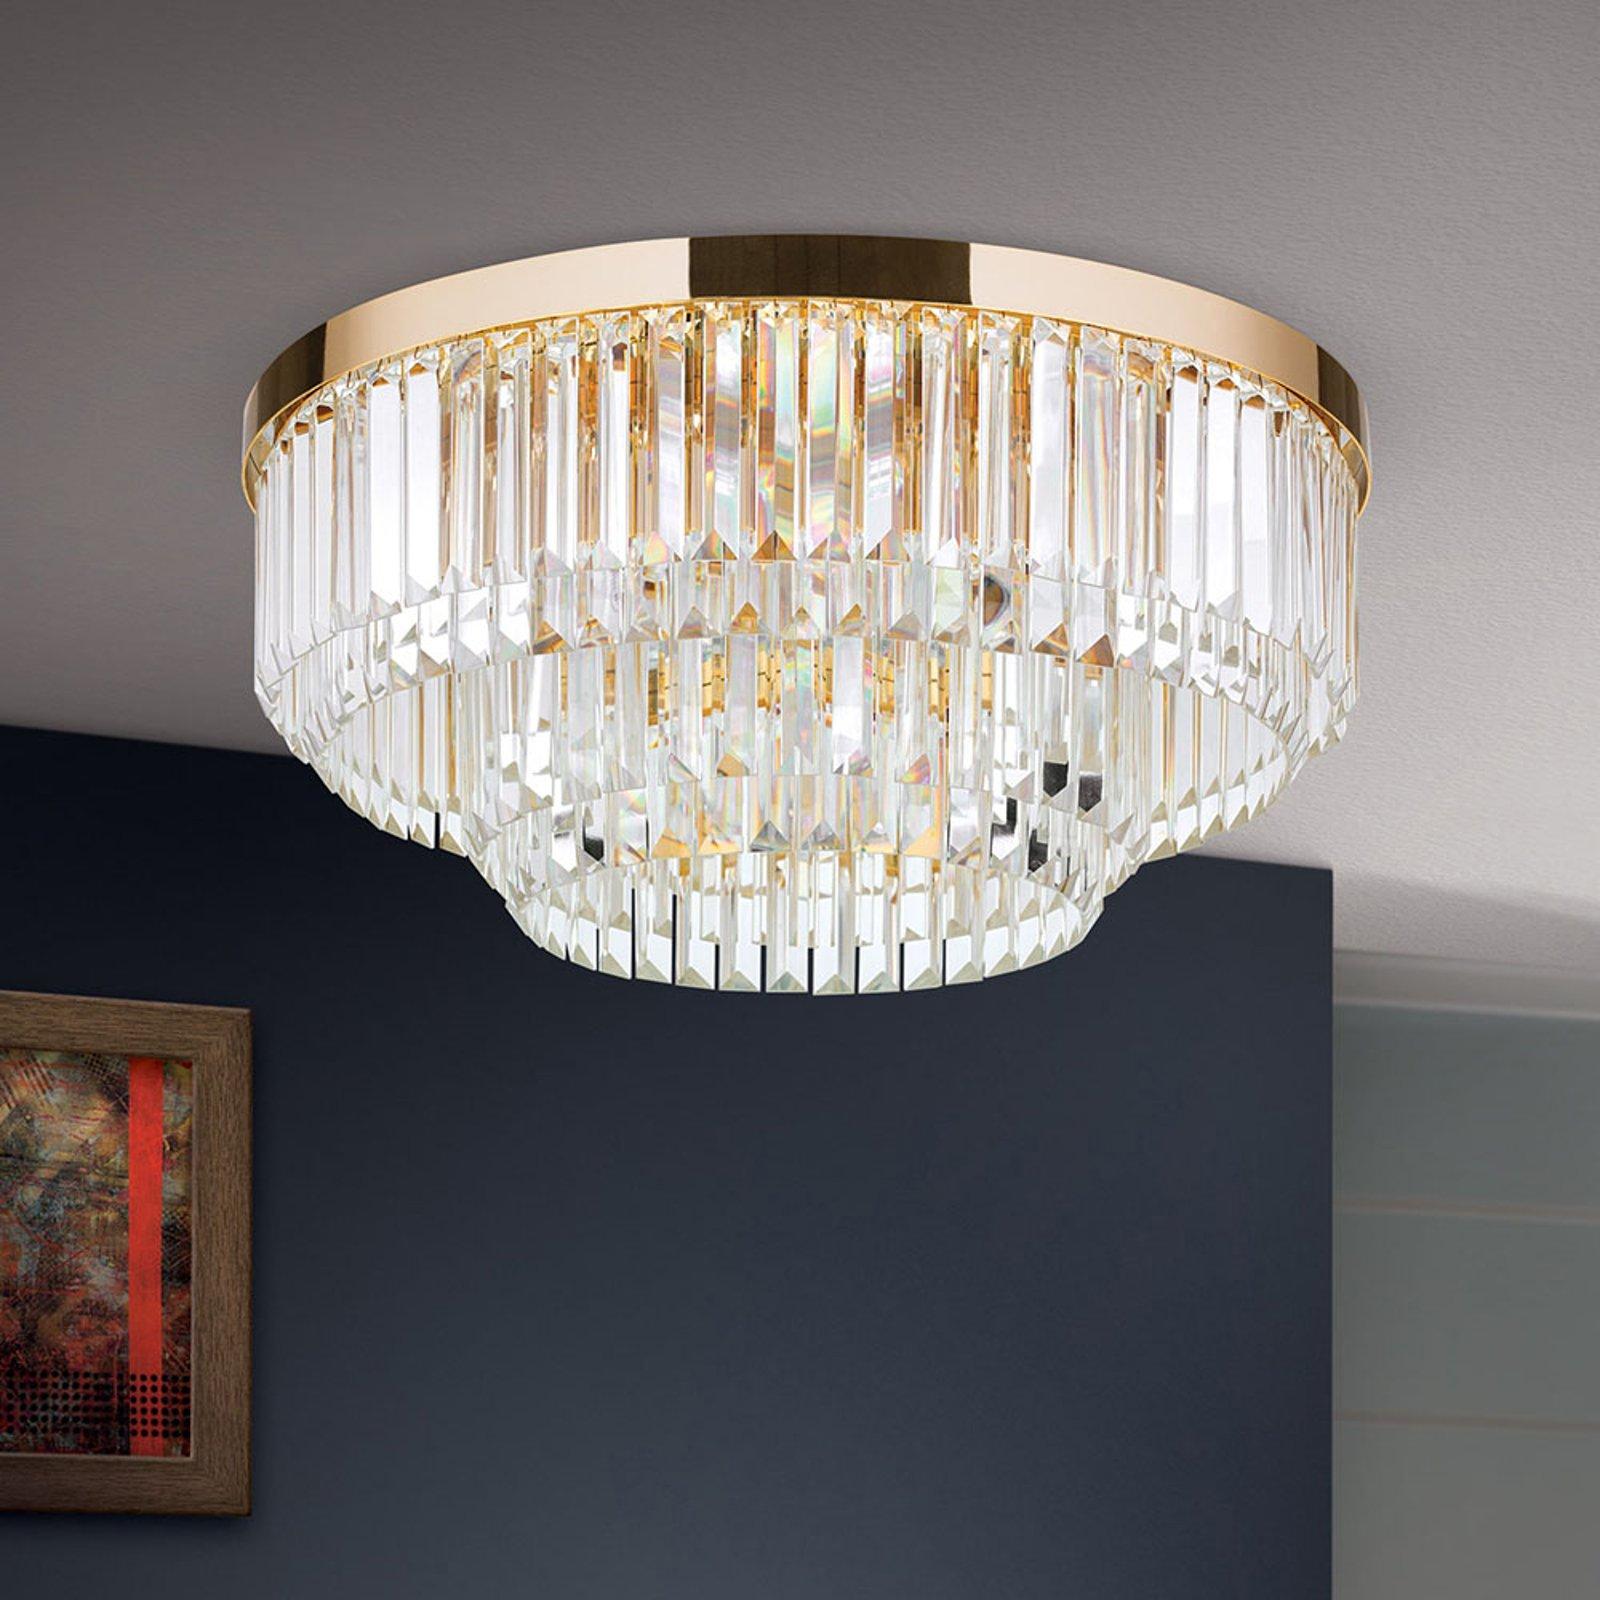 LED-taklampe Prism, gull, Ø 55 cm